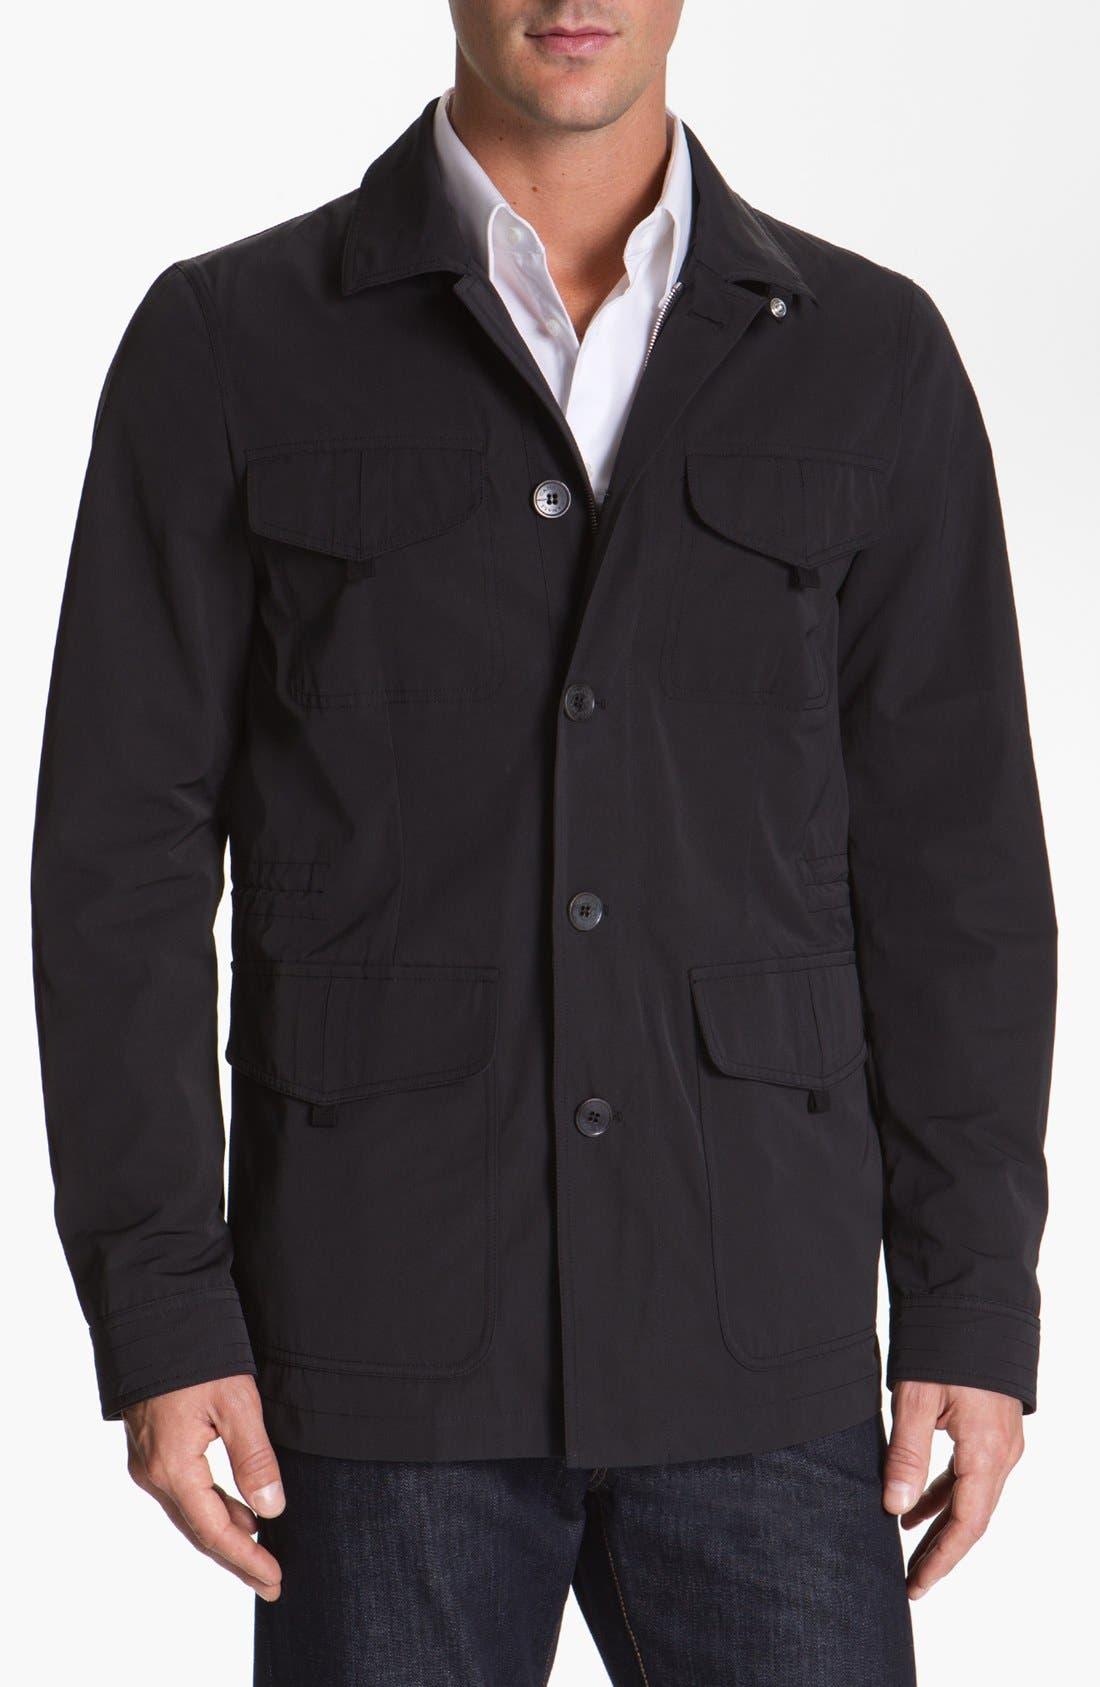 Main Image - Canali Tech Jacket